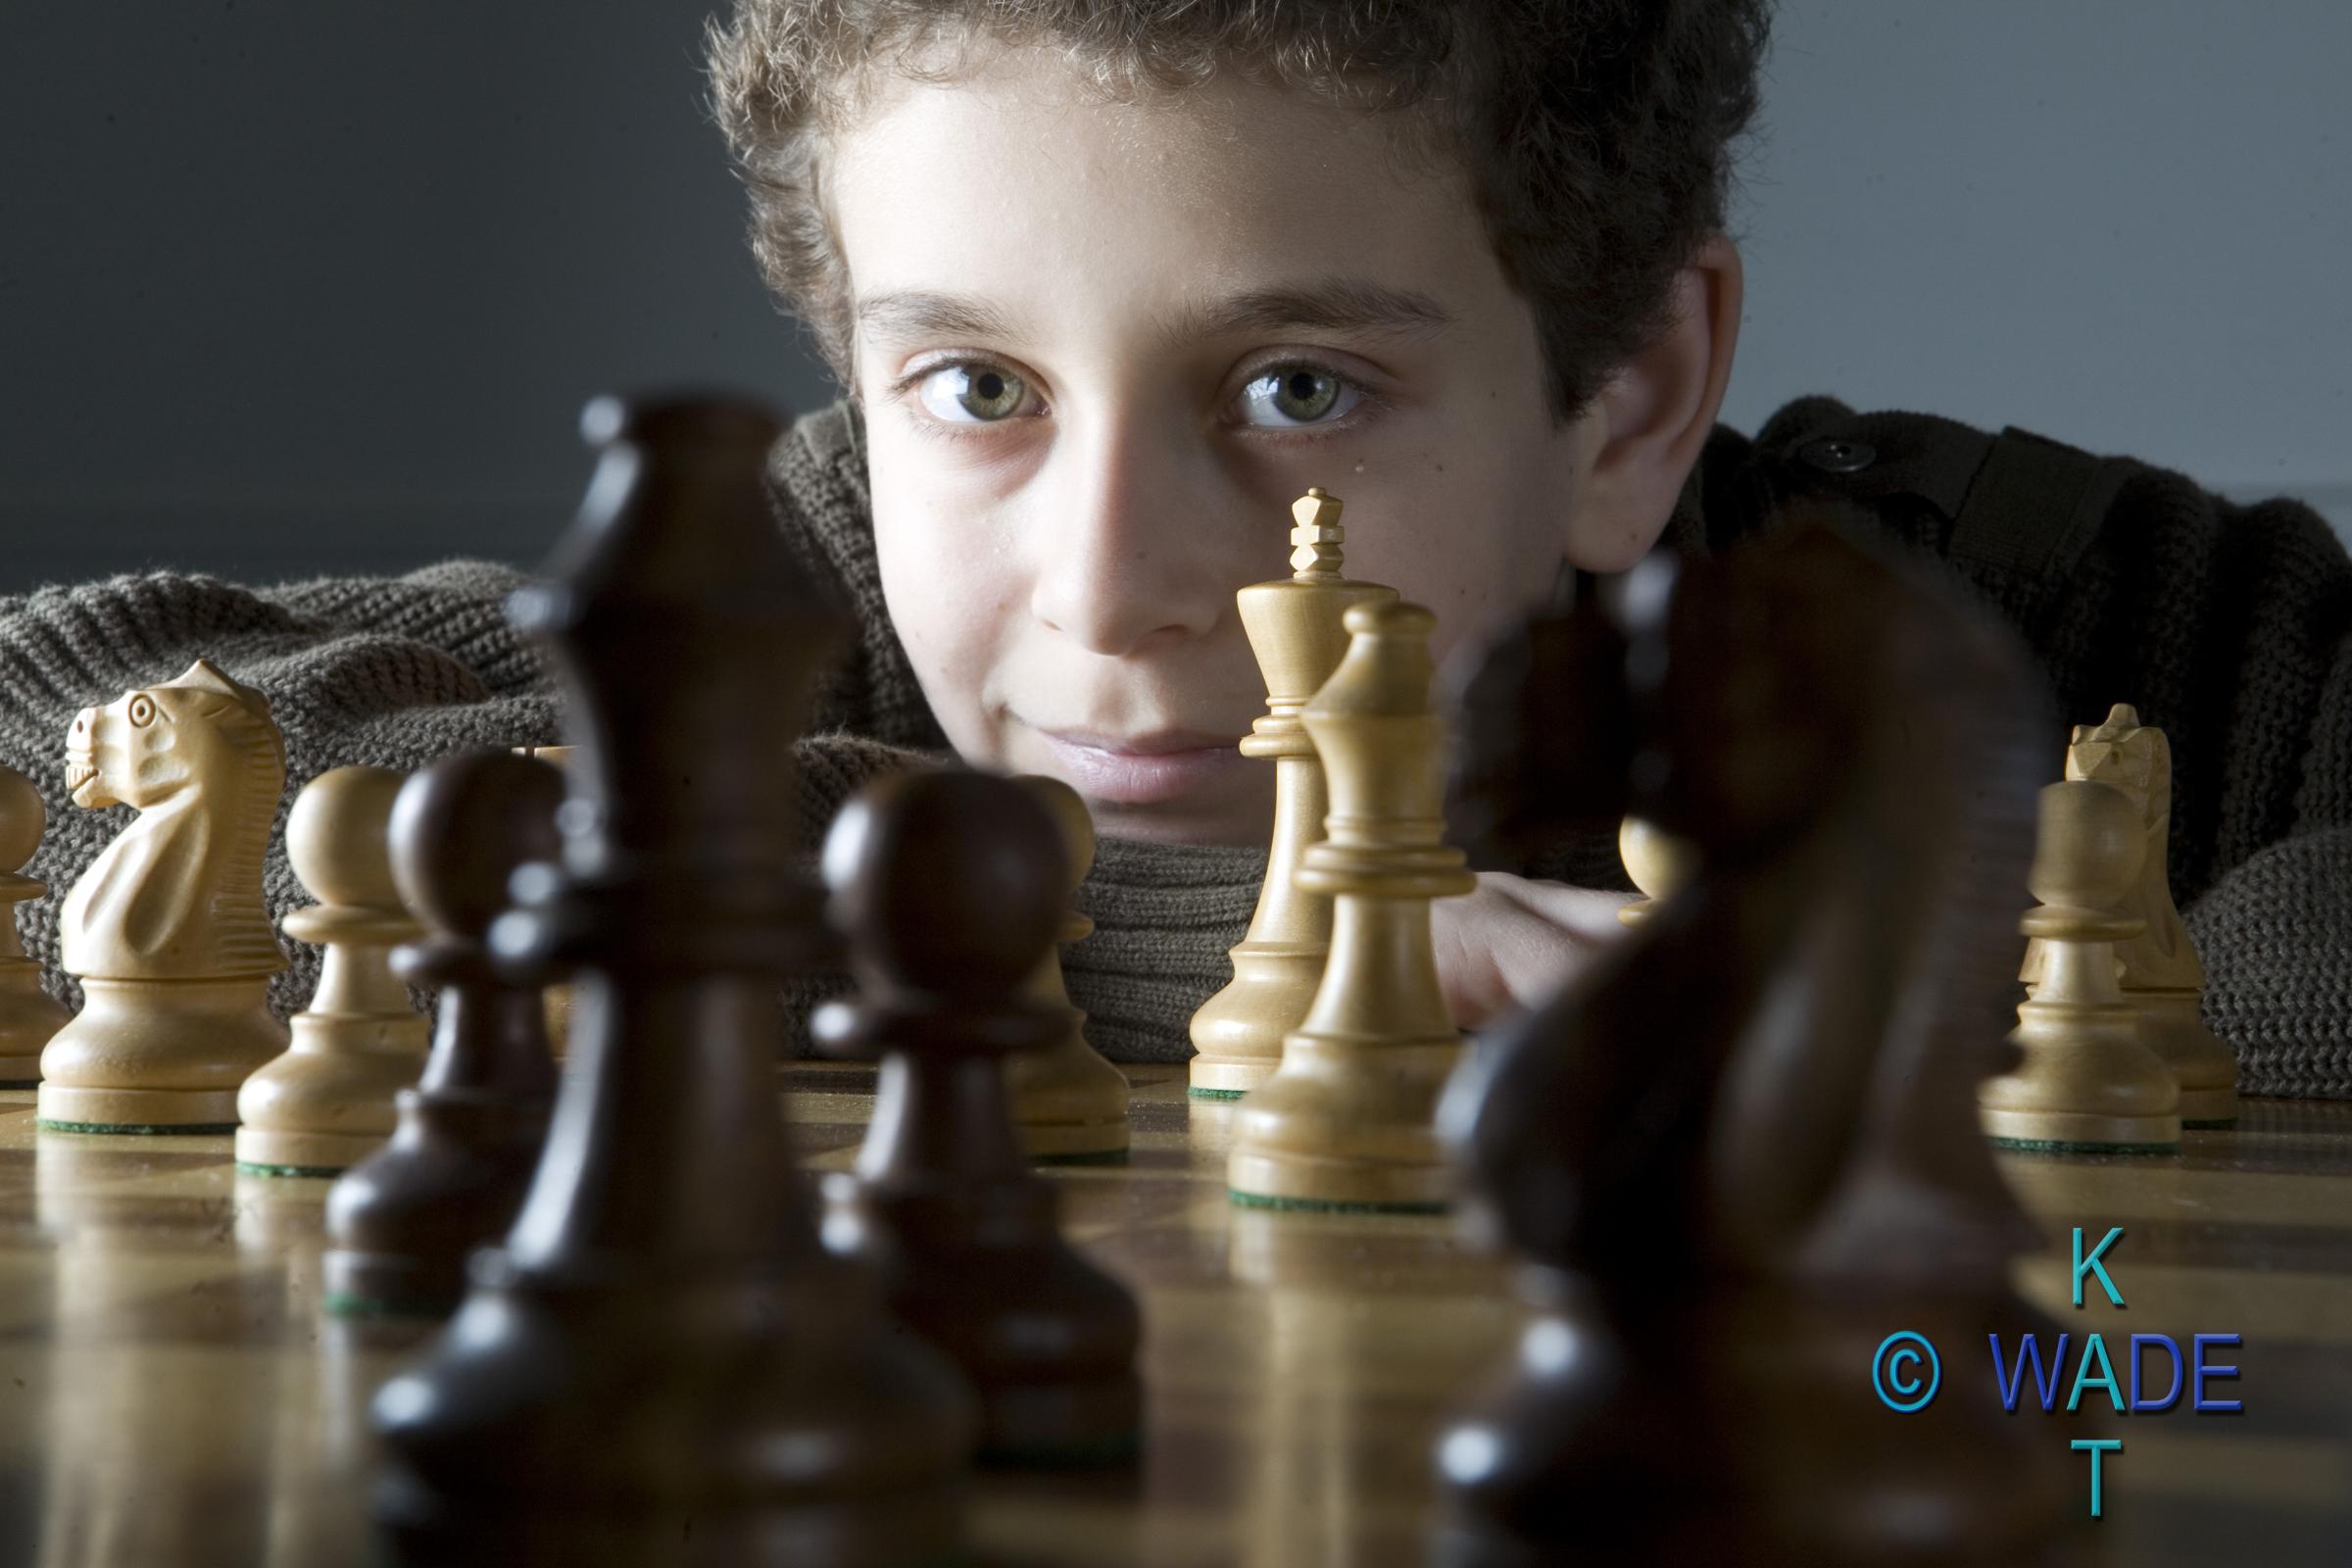 chesskid_05_wade